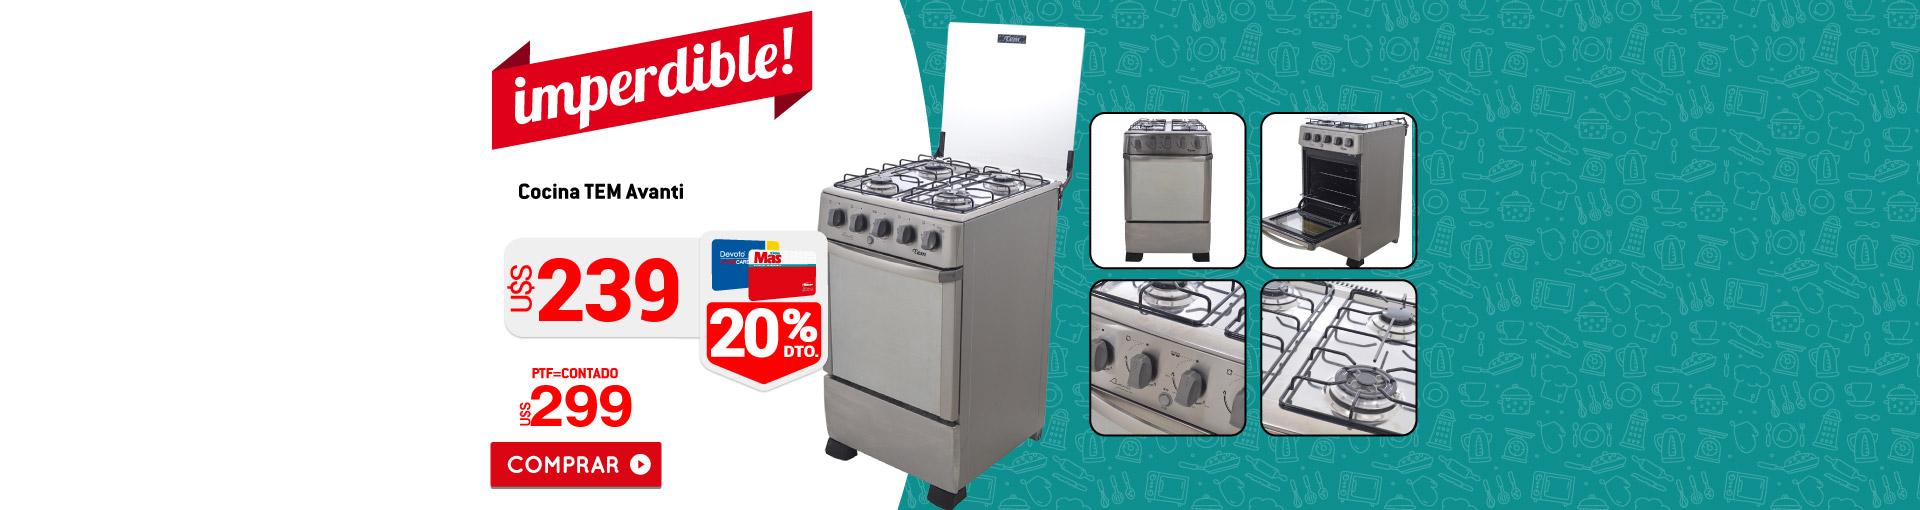 h-706355-cocina-tem